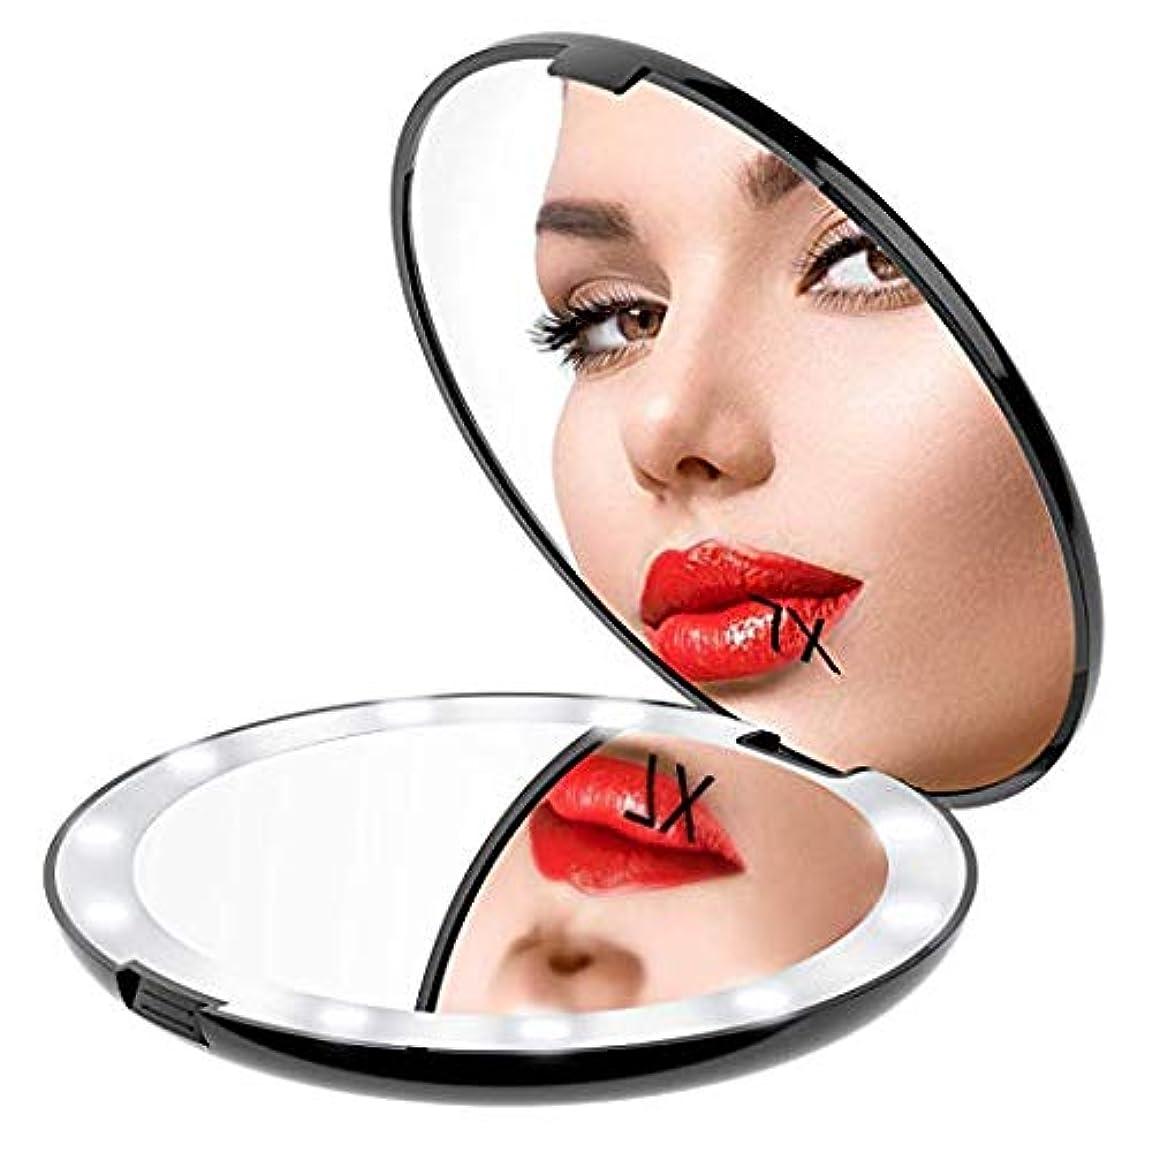 太鼓腹半径トイレGospire 化粧鏡 7倍拡大鏡 携帯ミラー 化粧ミラー LEDライト 手鏡 折りたたみ式 コンパクト 角度調整可 (ブラック)